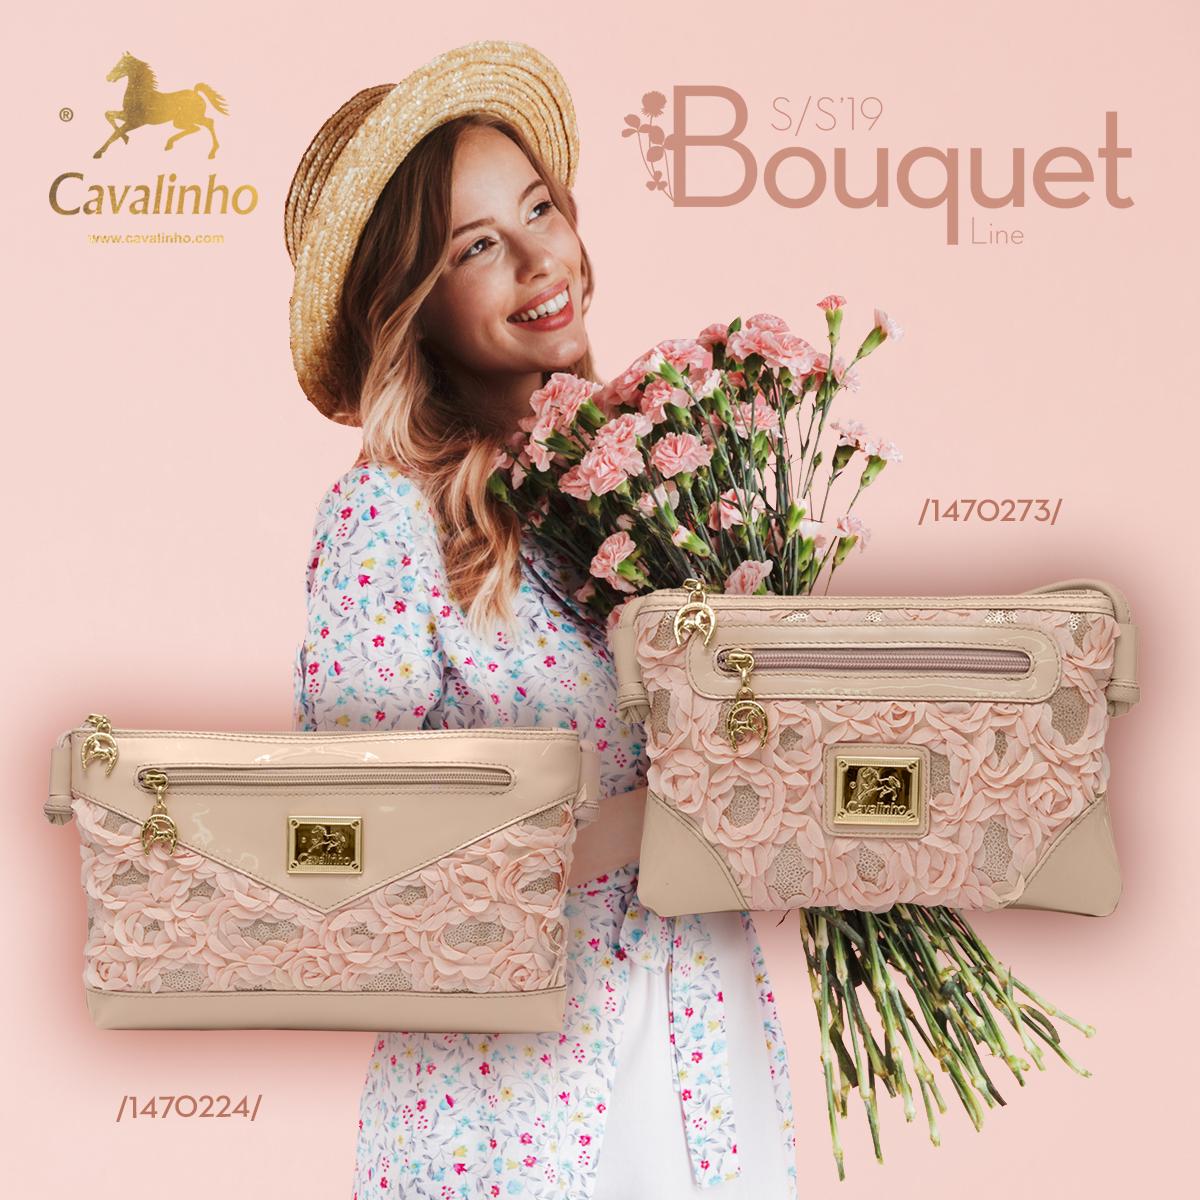 bouquet_post_04